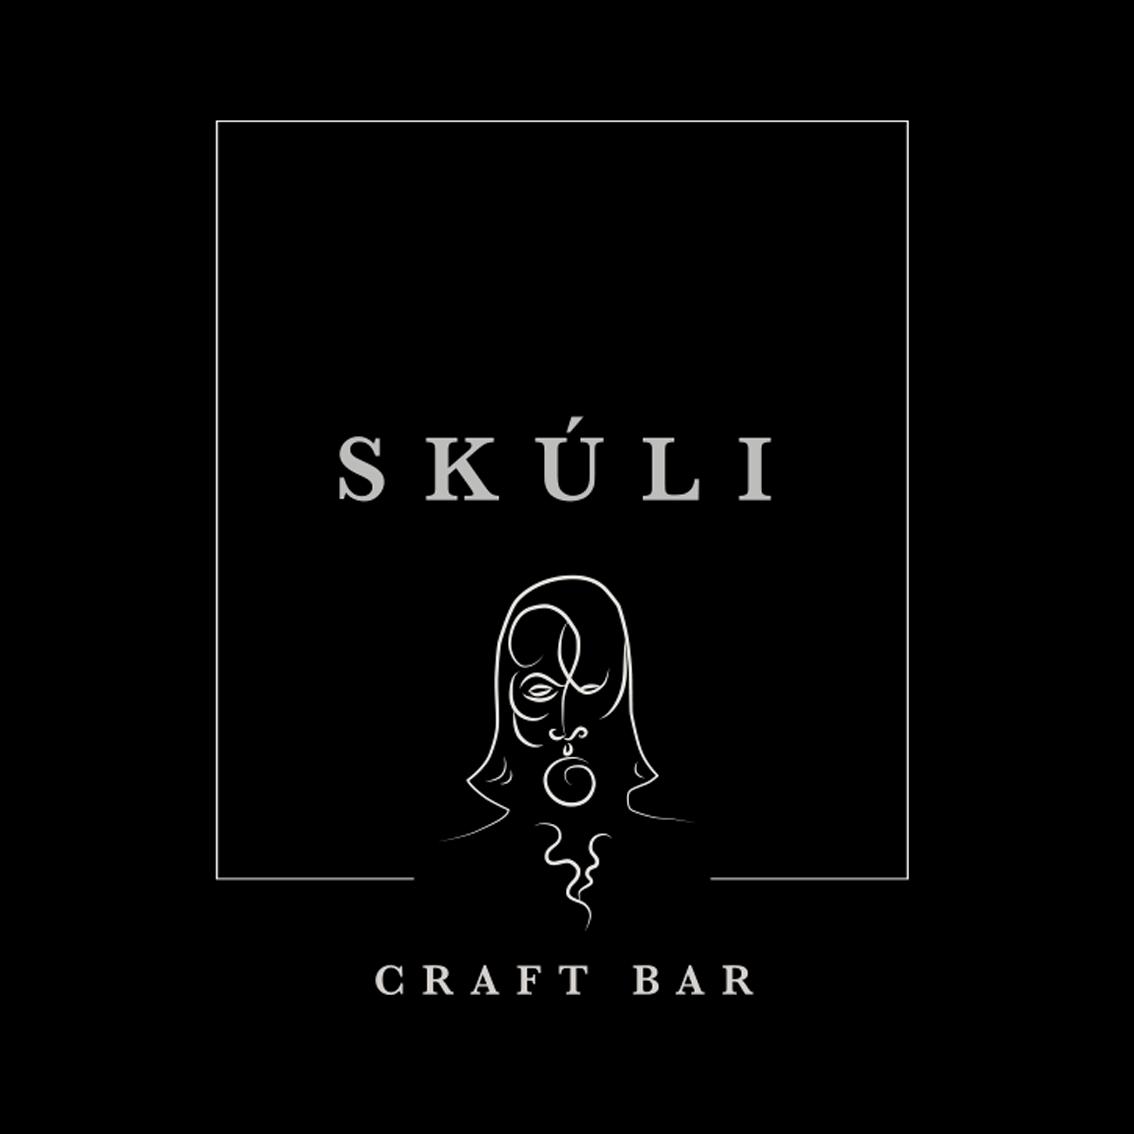 Skúli Craft Bar